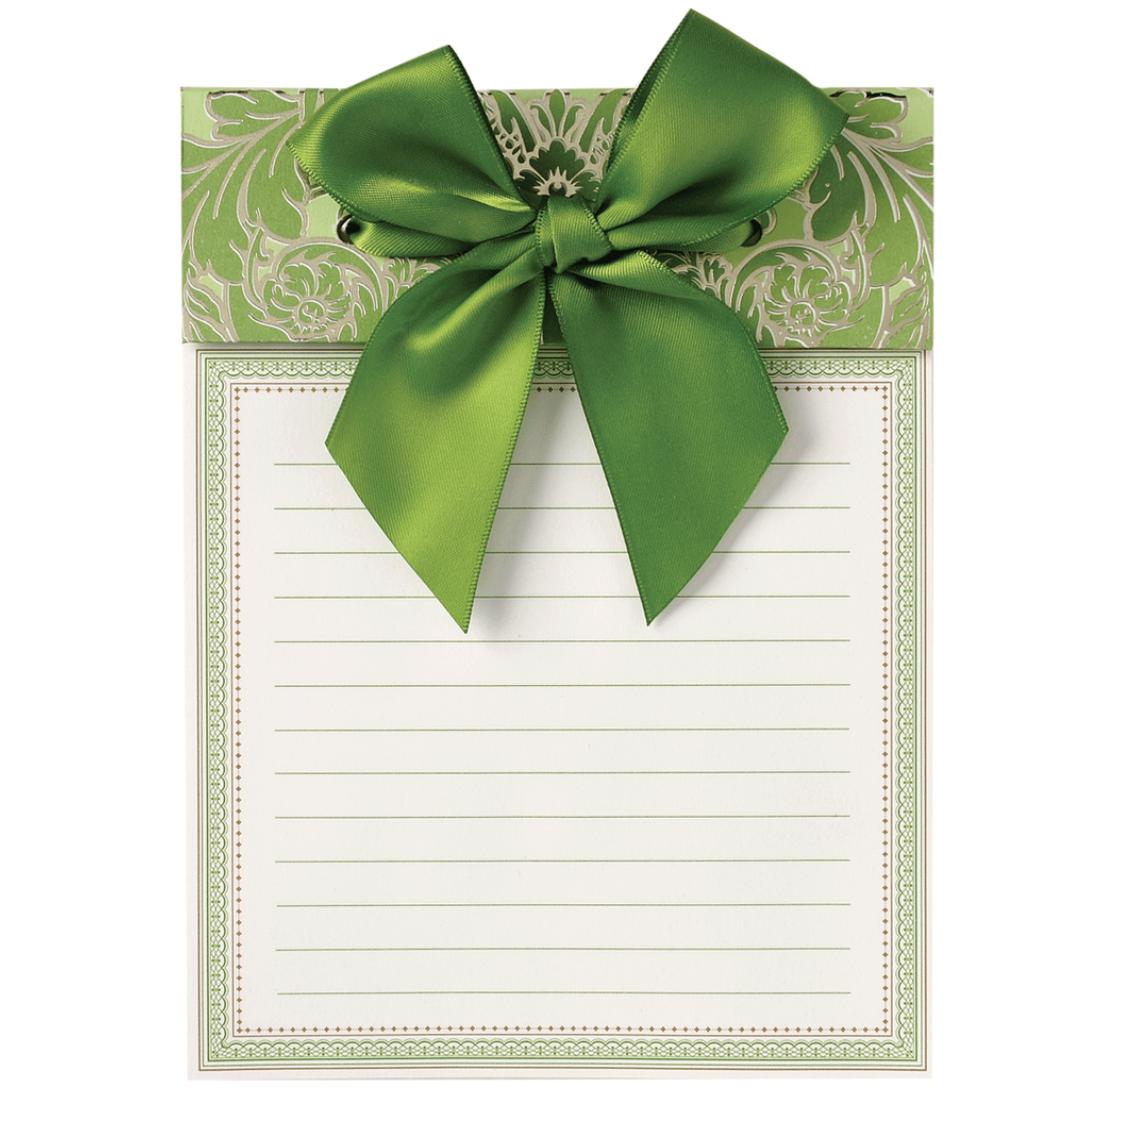 Bow pad green